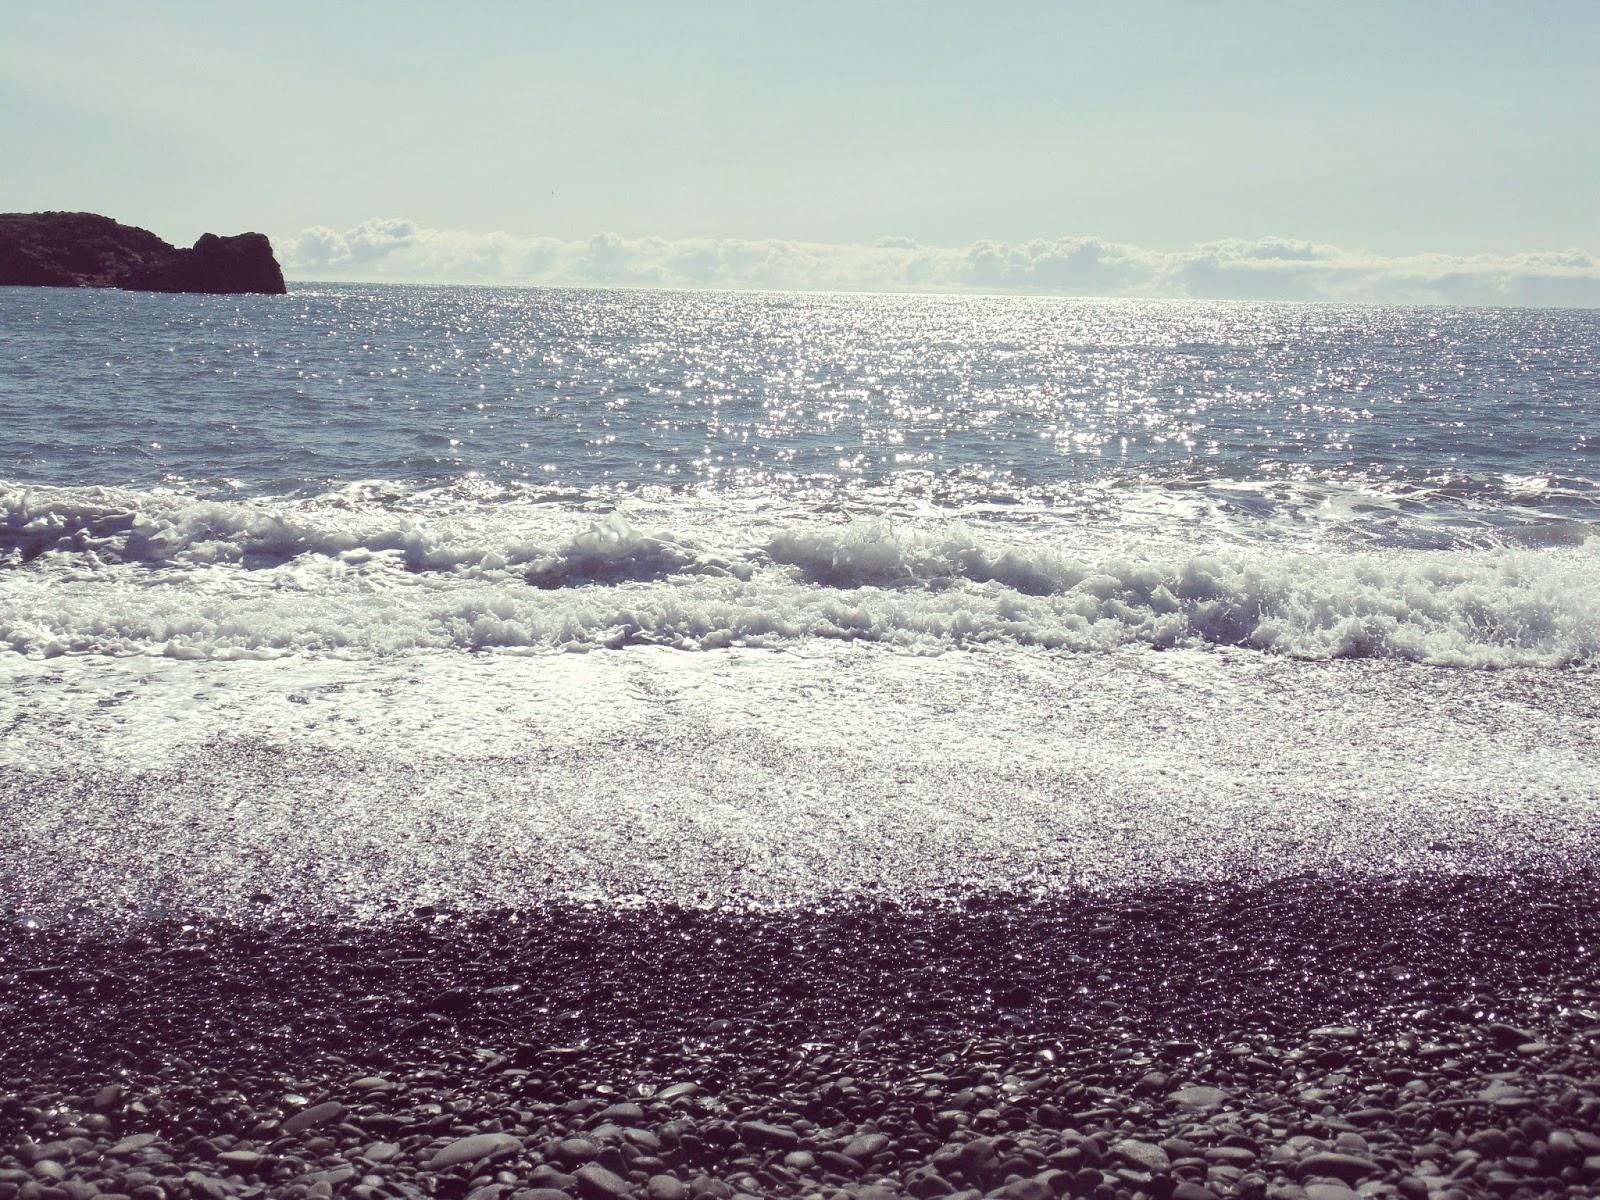 Islandzkie wybrzeże, Islandia, powiedzenia, fale, rzadko się zdarza pojedyncza fala